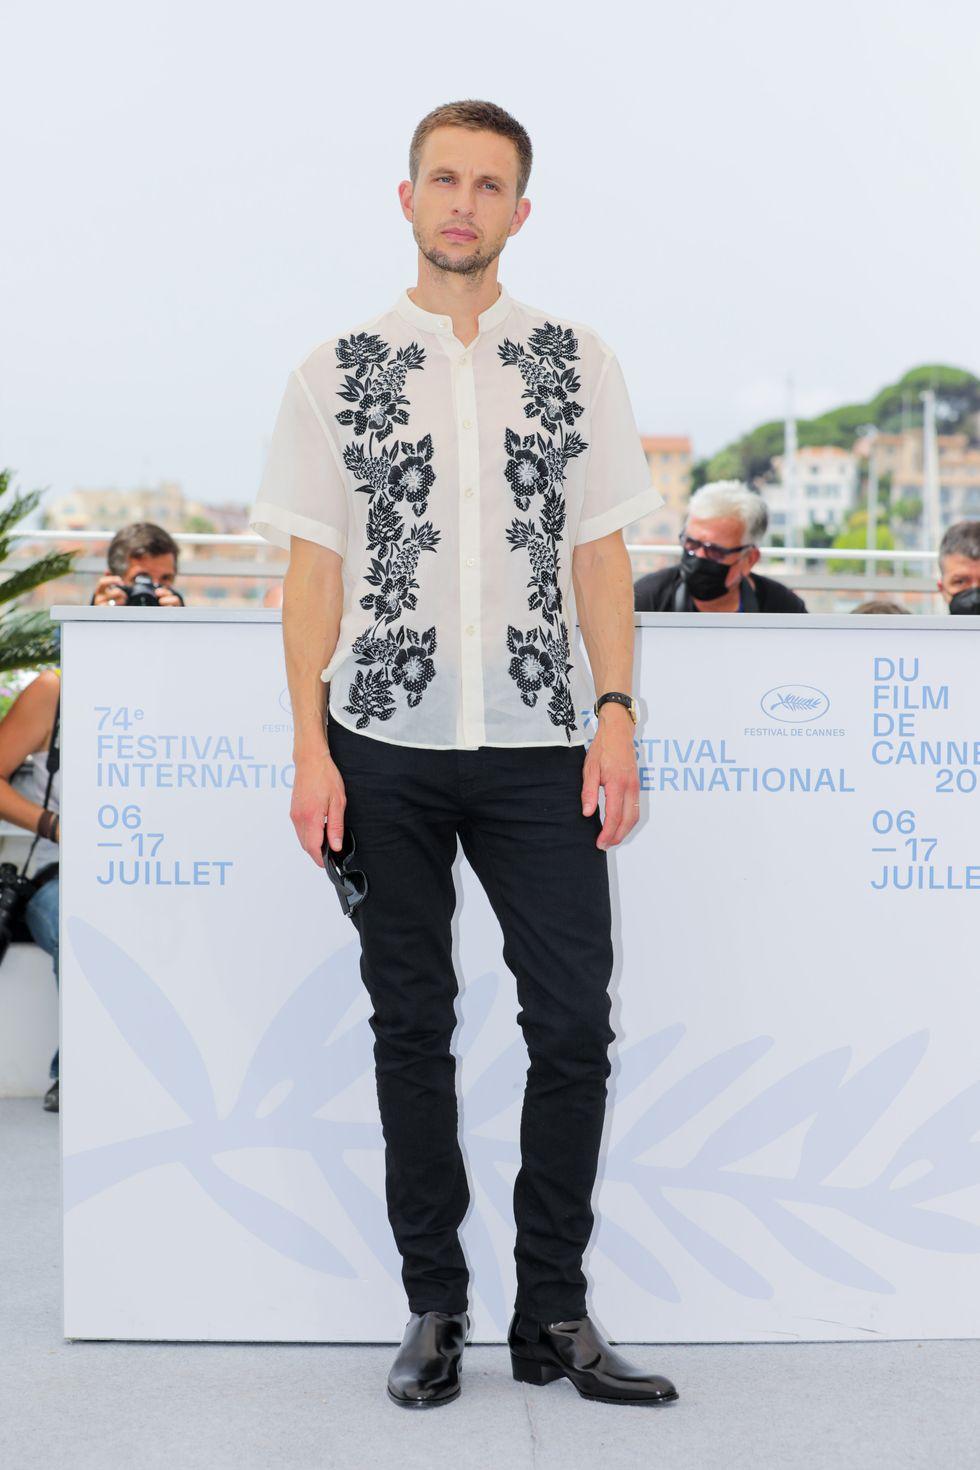 Die besten Outfits vom Cannes Film Festival 2021: Anders Danielsen